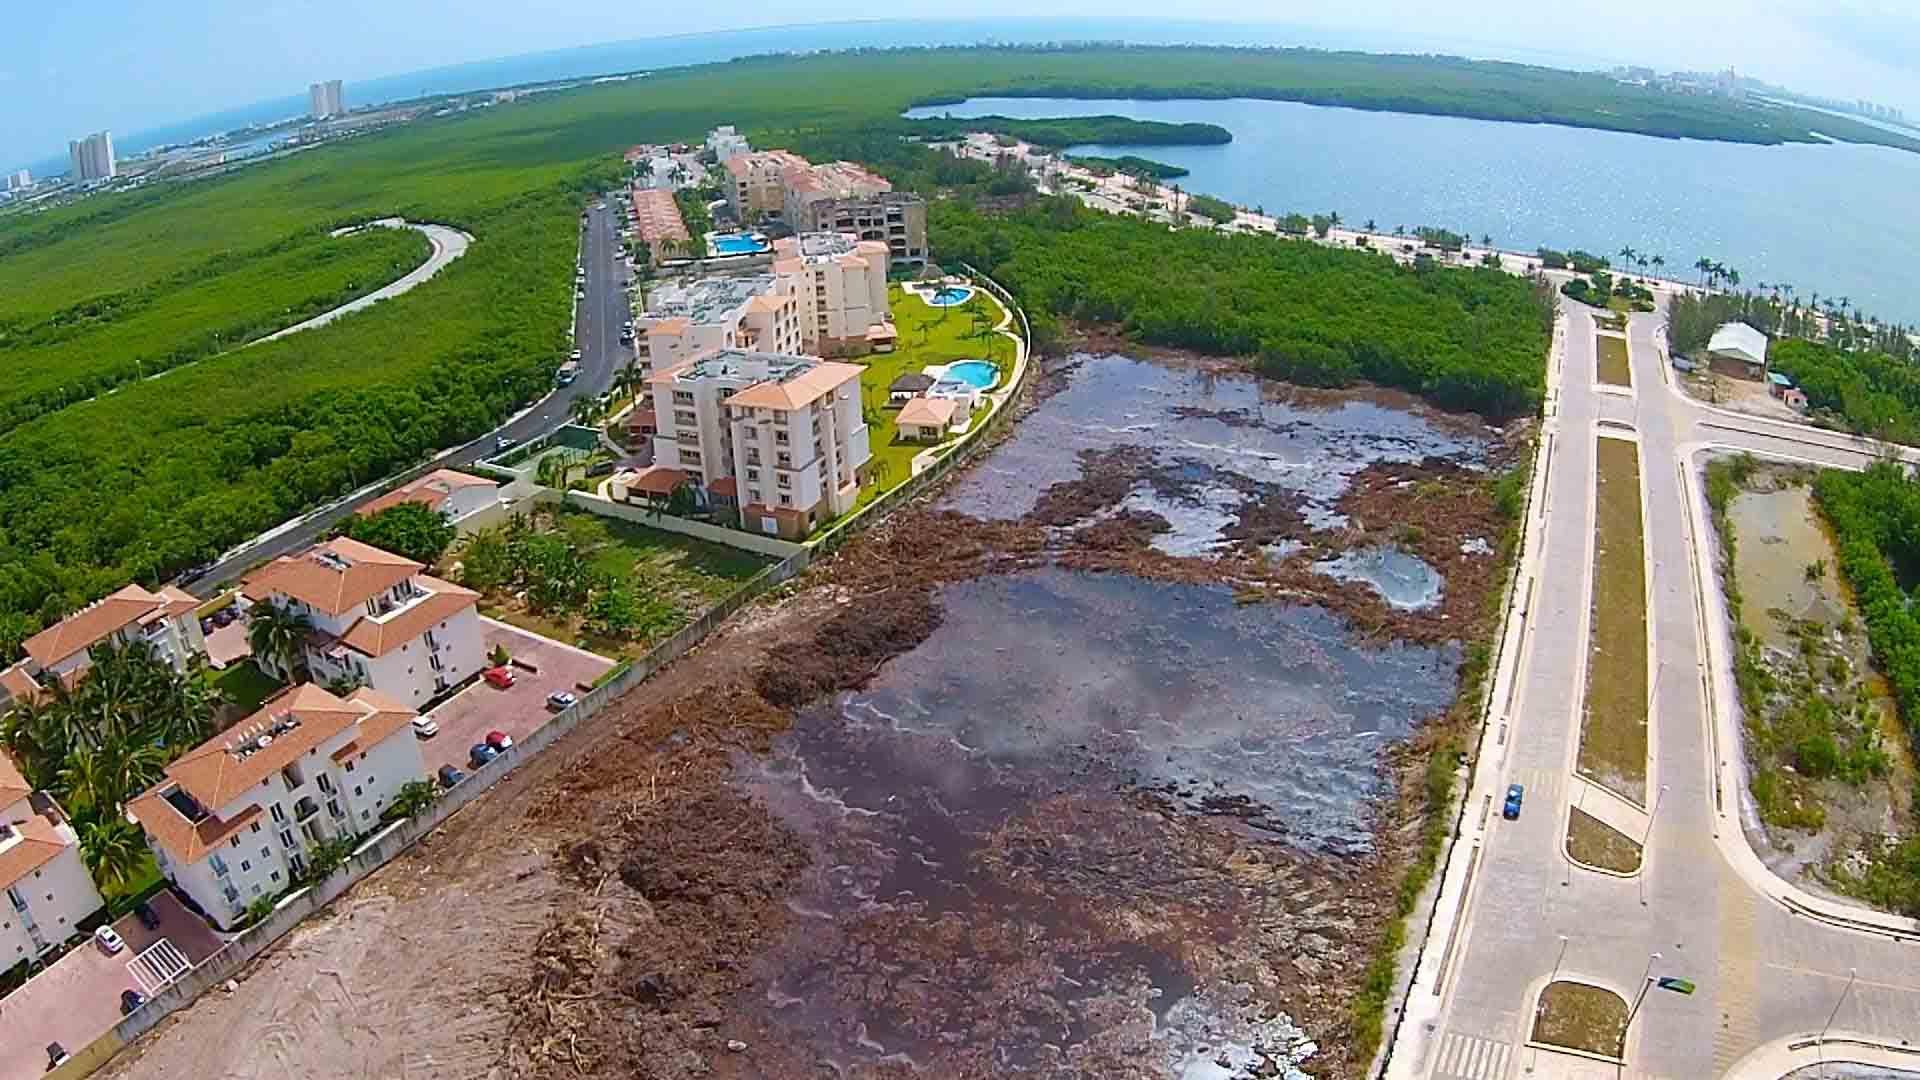 Activistas y ecologistas criticaron proyecto inmobiliario por considerar que el mismo devastará la zona ecológica